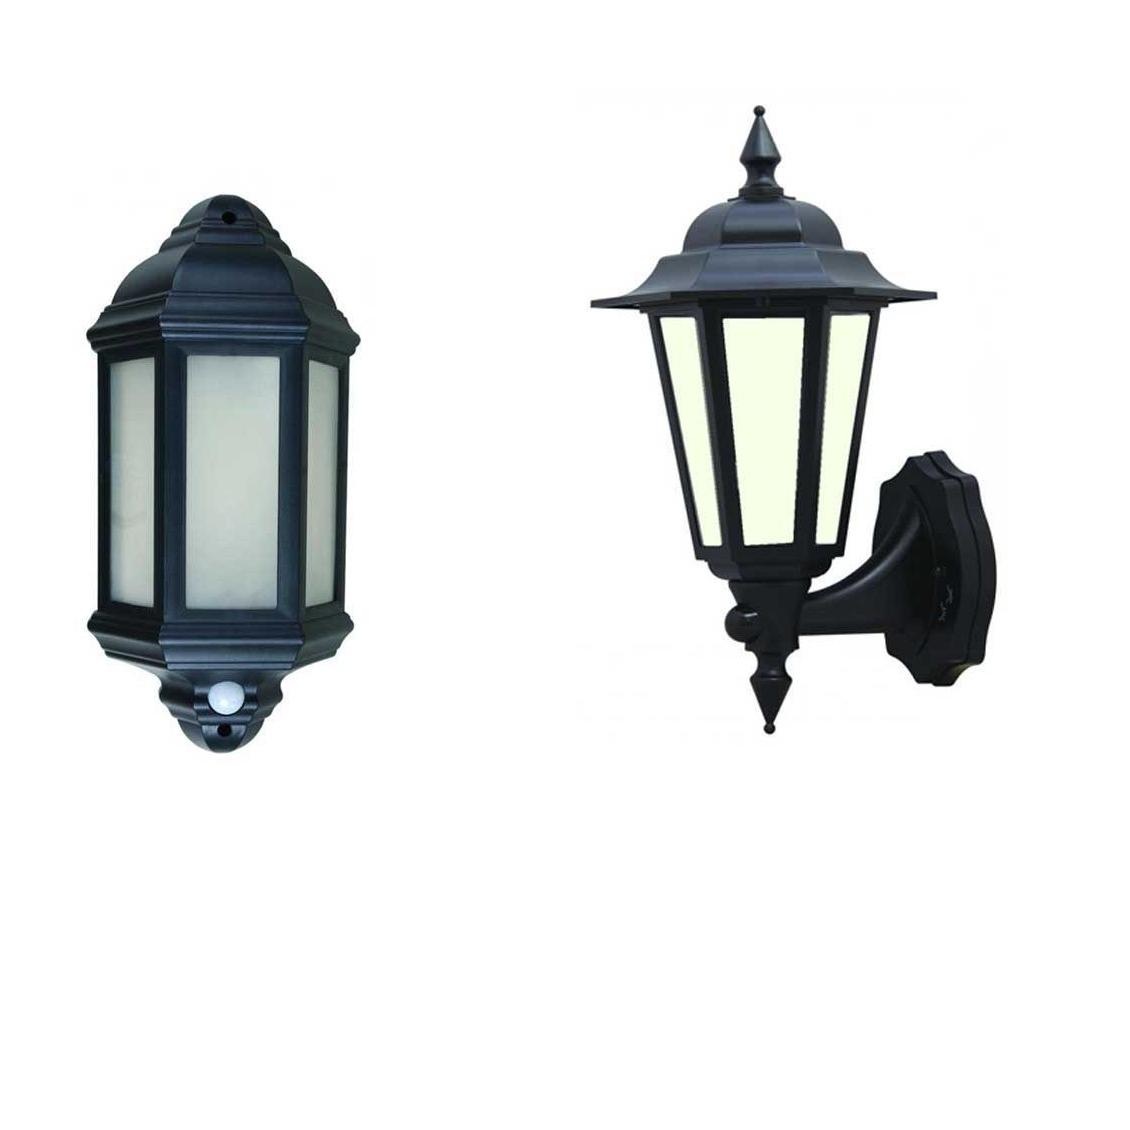 Outdoor Pir Lanterns Regarding Well Liked Led Outdoor Garden Wall Half Lantern Pir Black Ip44 External 7 Watt (View 14 of 20)